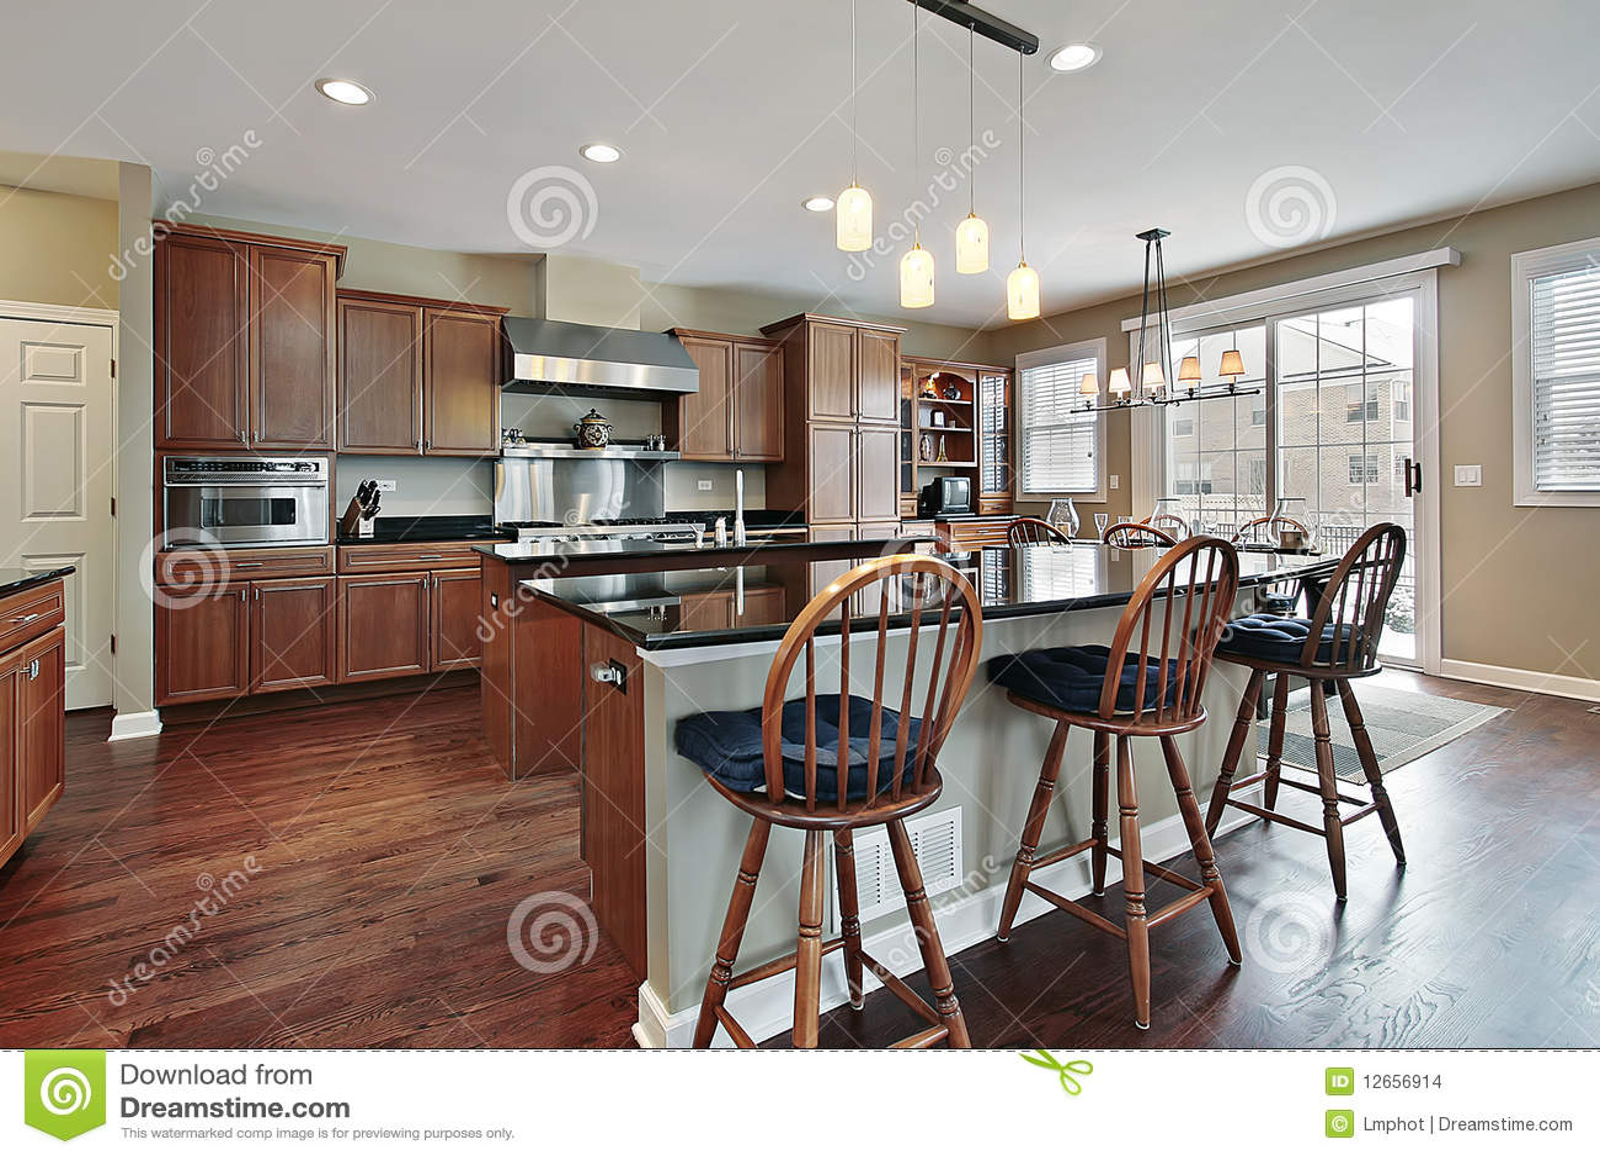 Küche mit zwei Inseln stockfoto. Bild von luxus, küche - 12656914